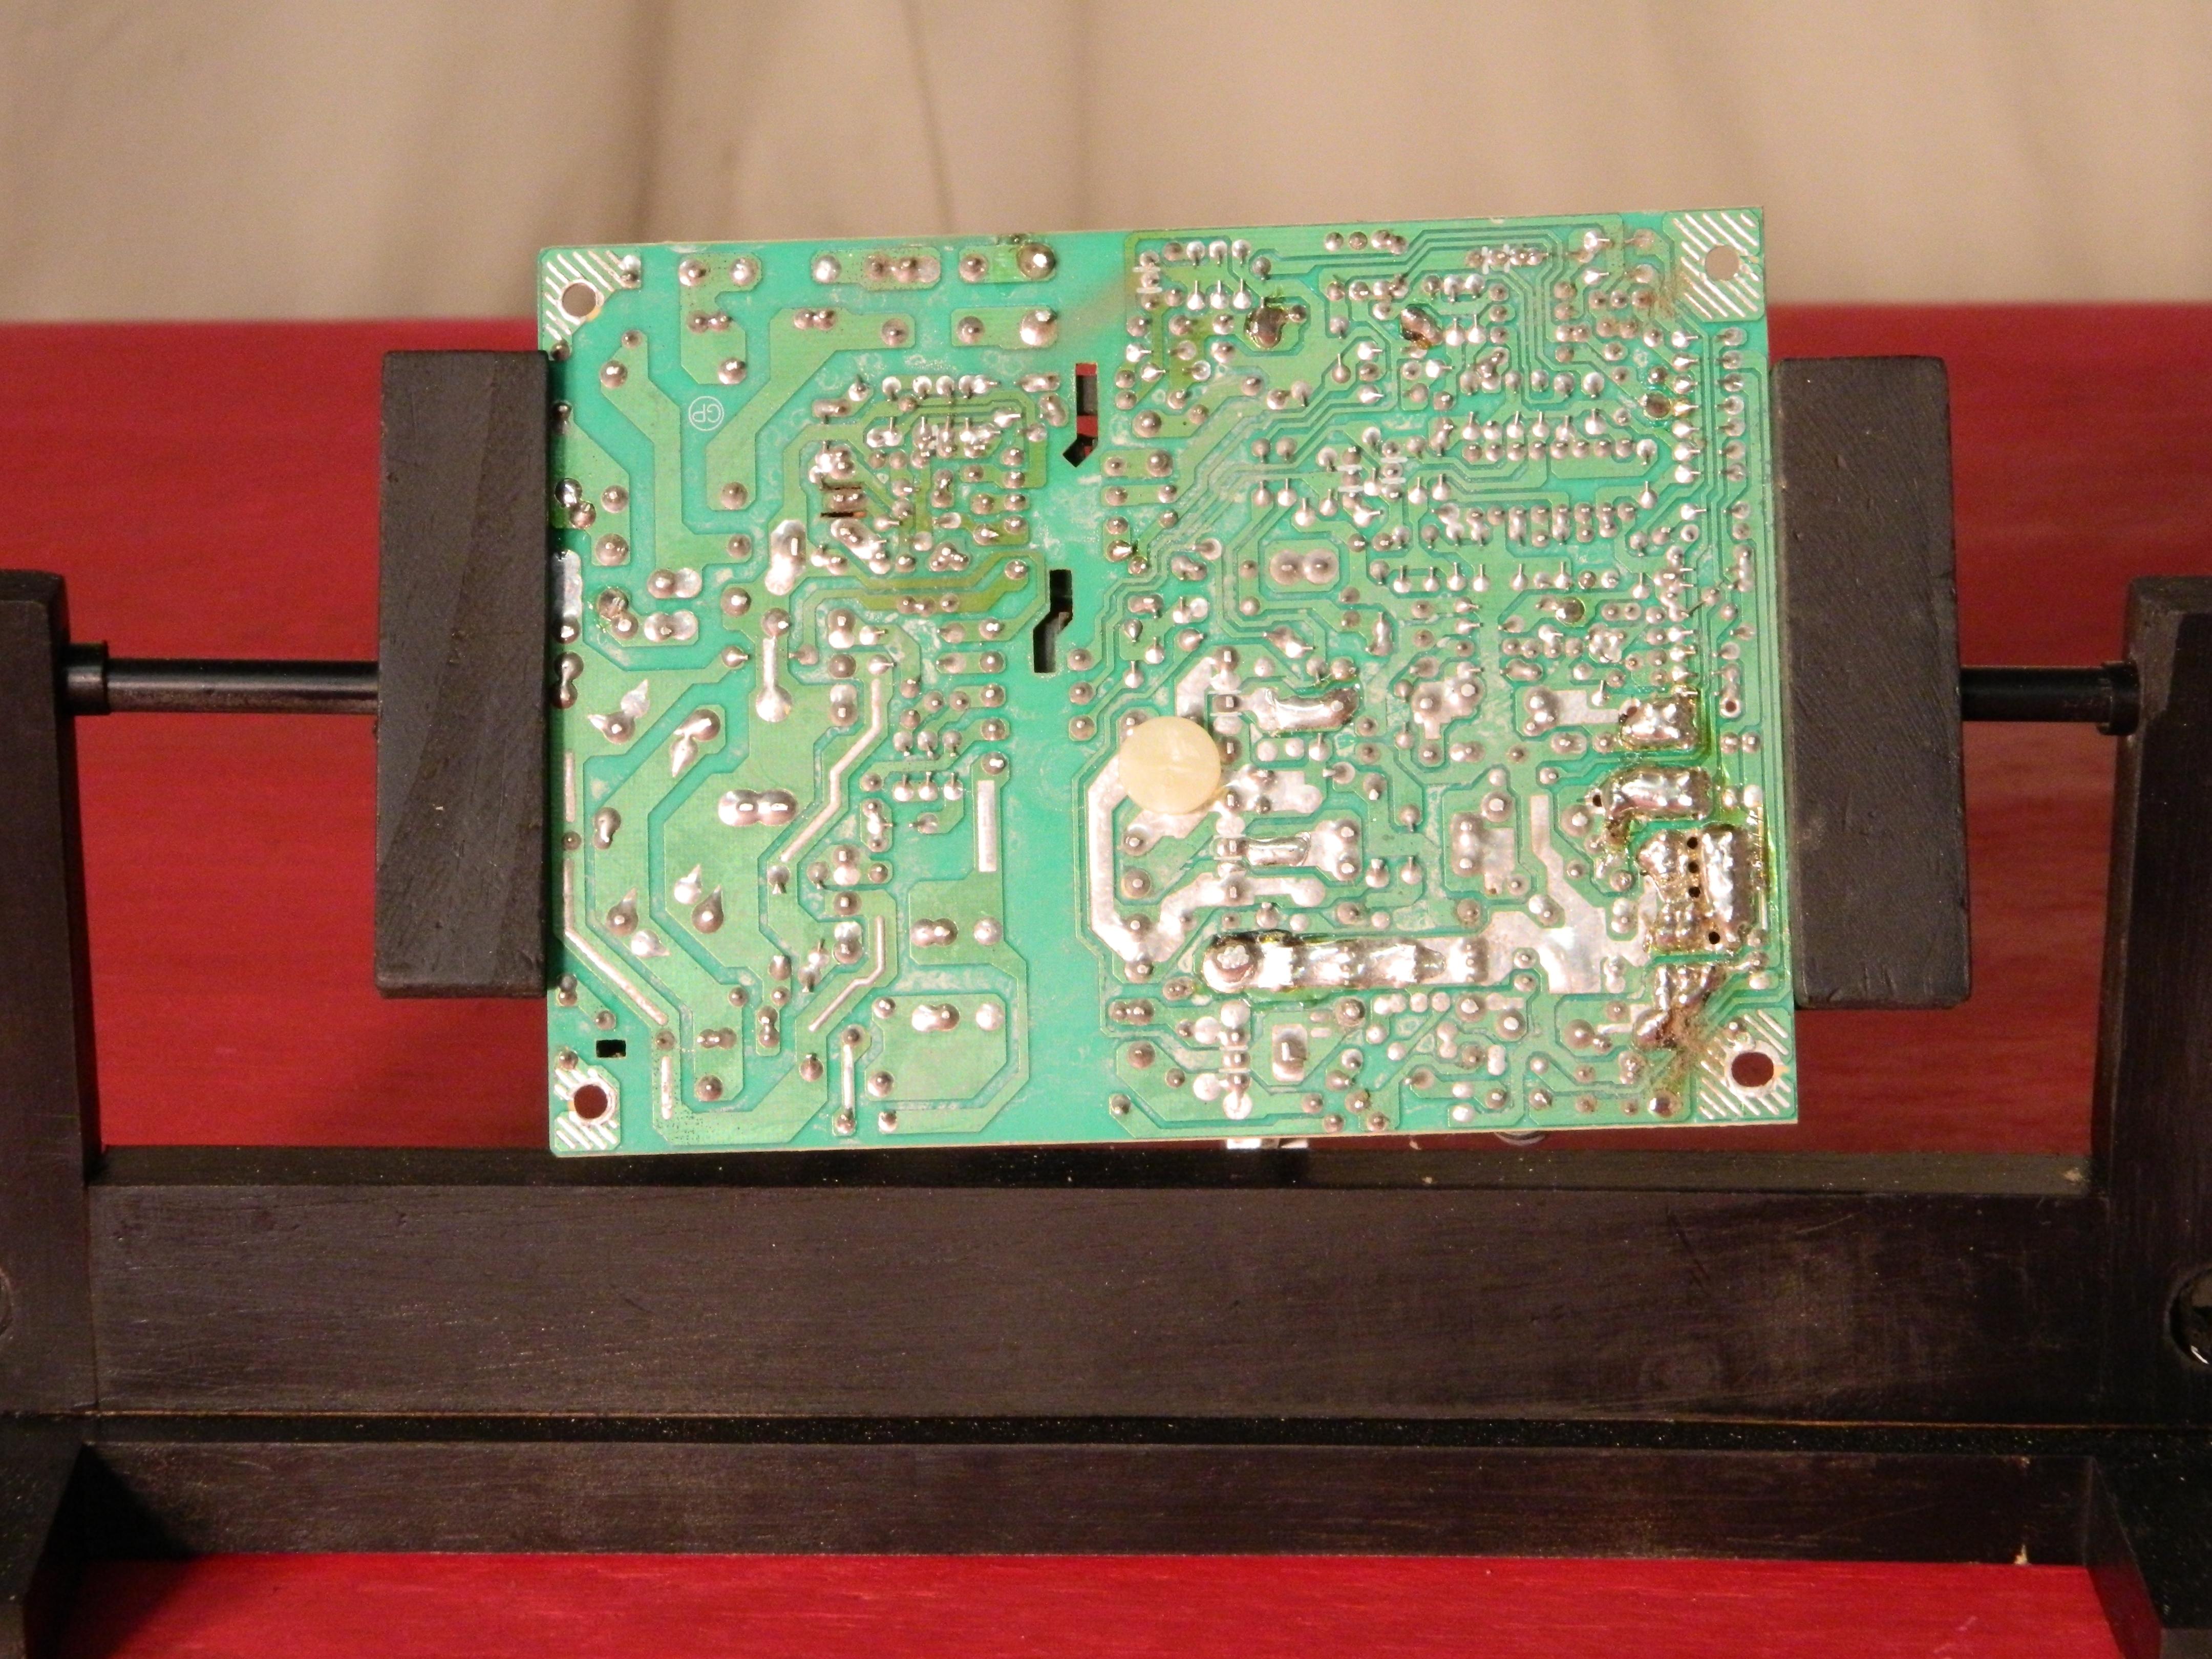 DIY PCB Holder / Solder Stand